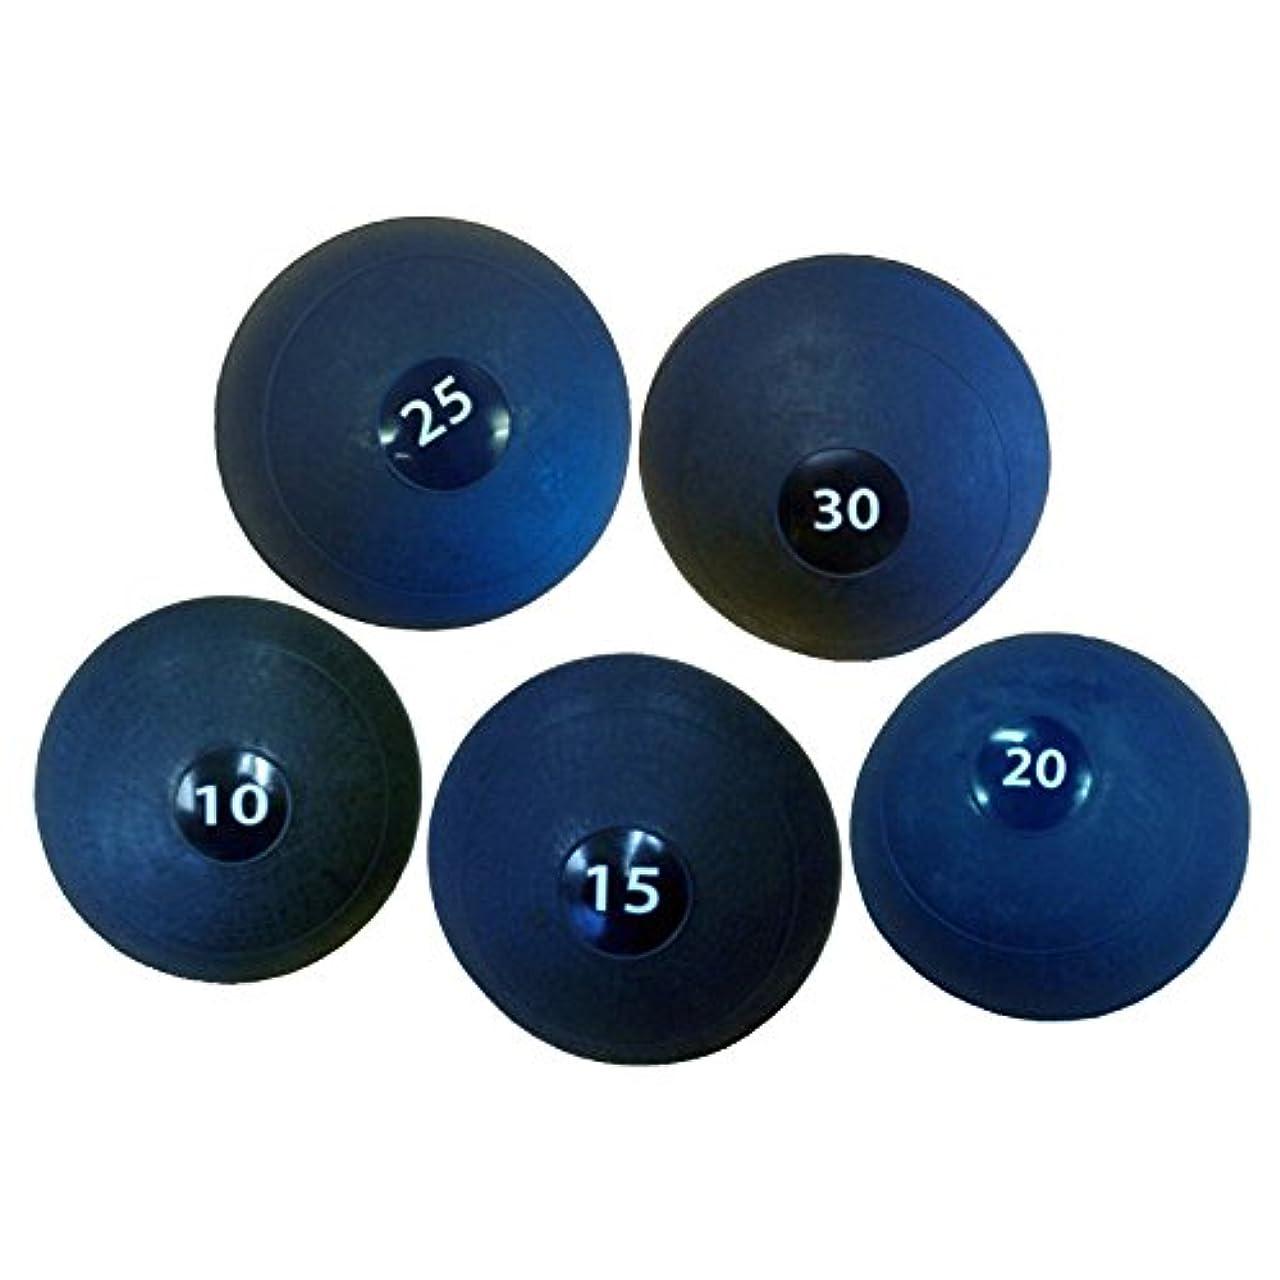 組み込む王位ソーシャルアポロAthletics Slamボールの強度、調整、バランストレーニング